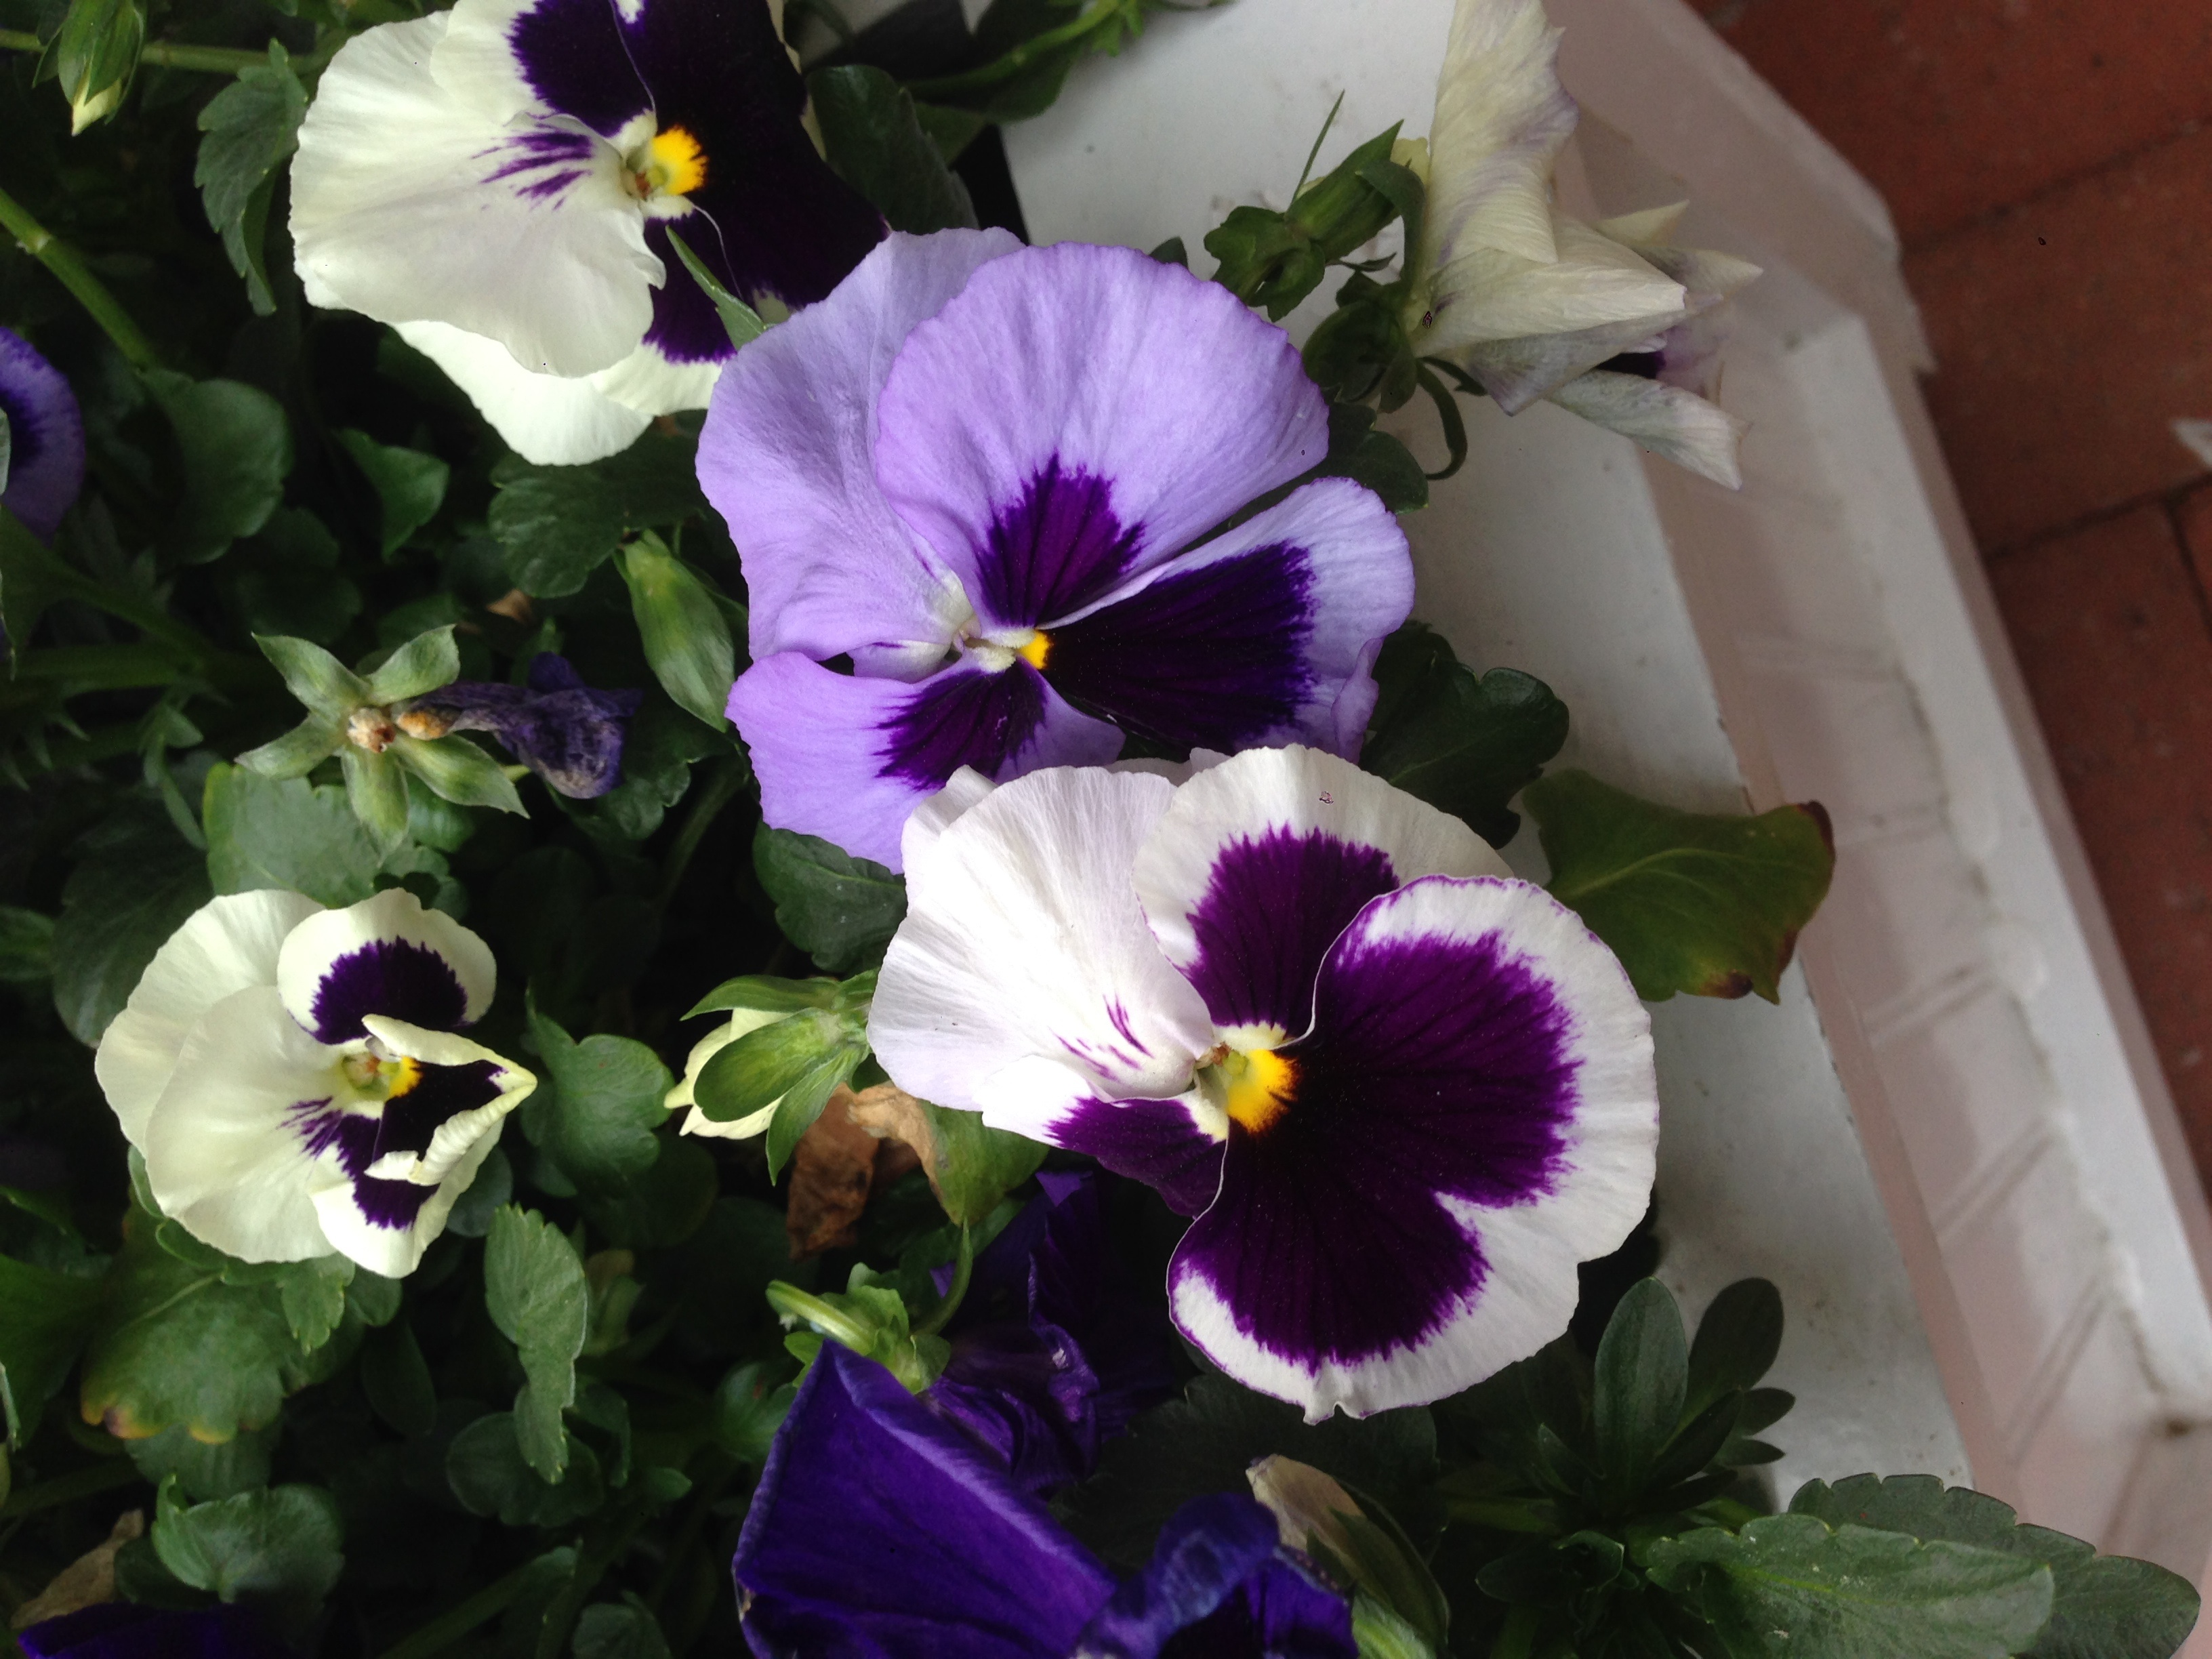 Pansies - harbingers of spring